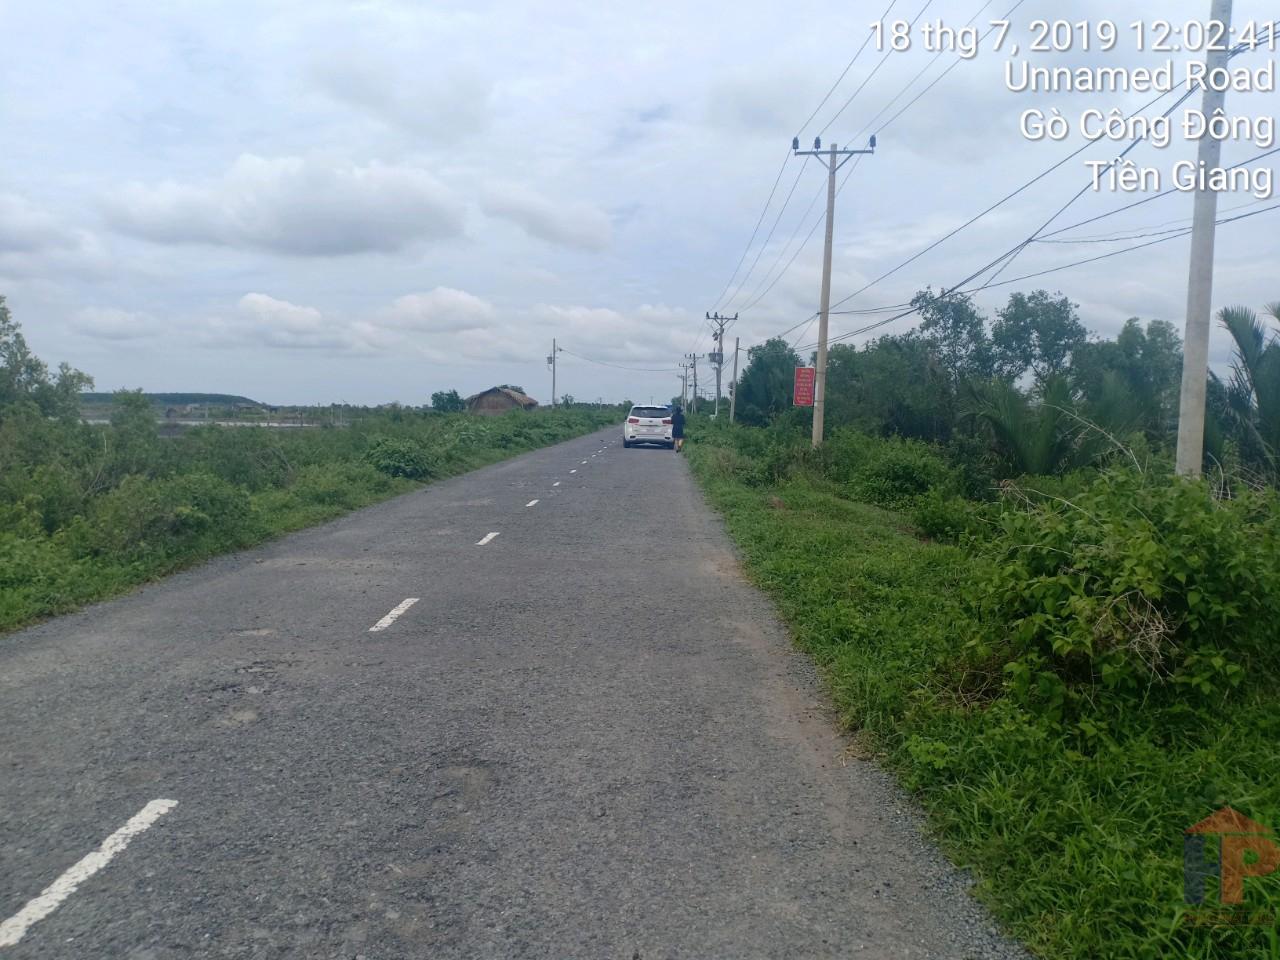 Bán đất mặt tiền đường Lý Nhơn cần giờ DT 4143m2 Giá 4.3 tỷ LH 0909477288